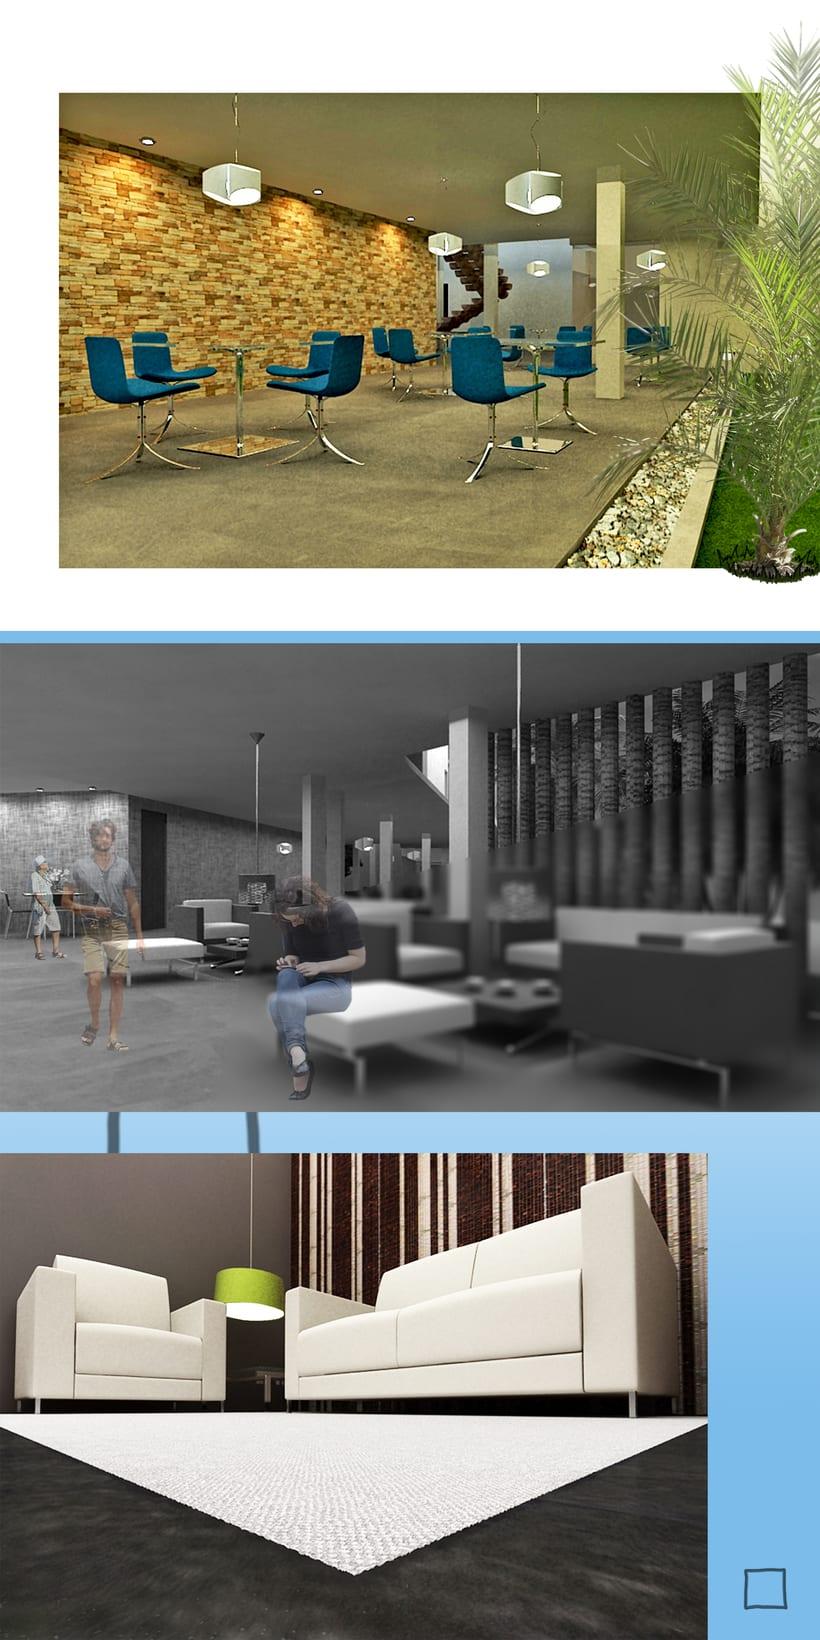 Imágenes para Tesis de diseño de Interiores  1